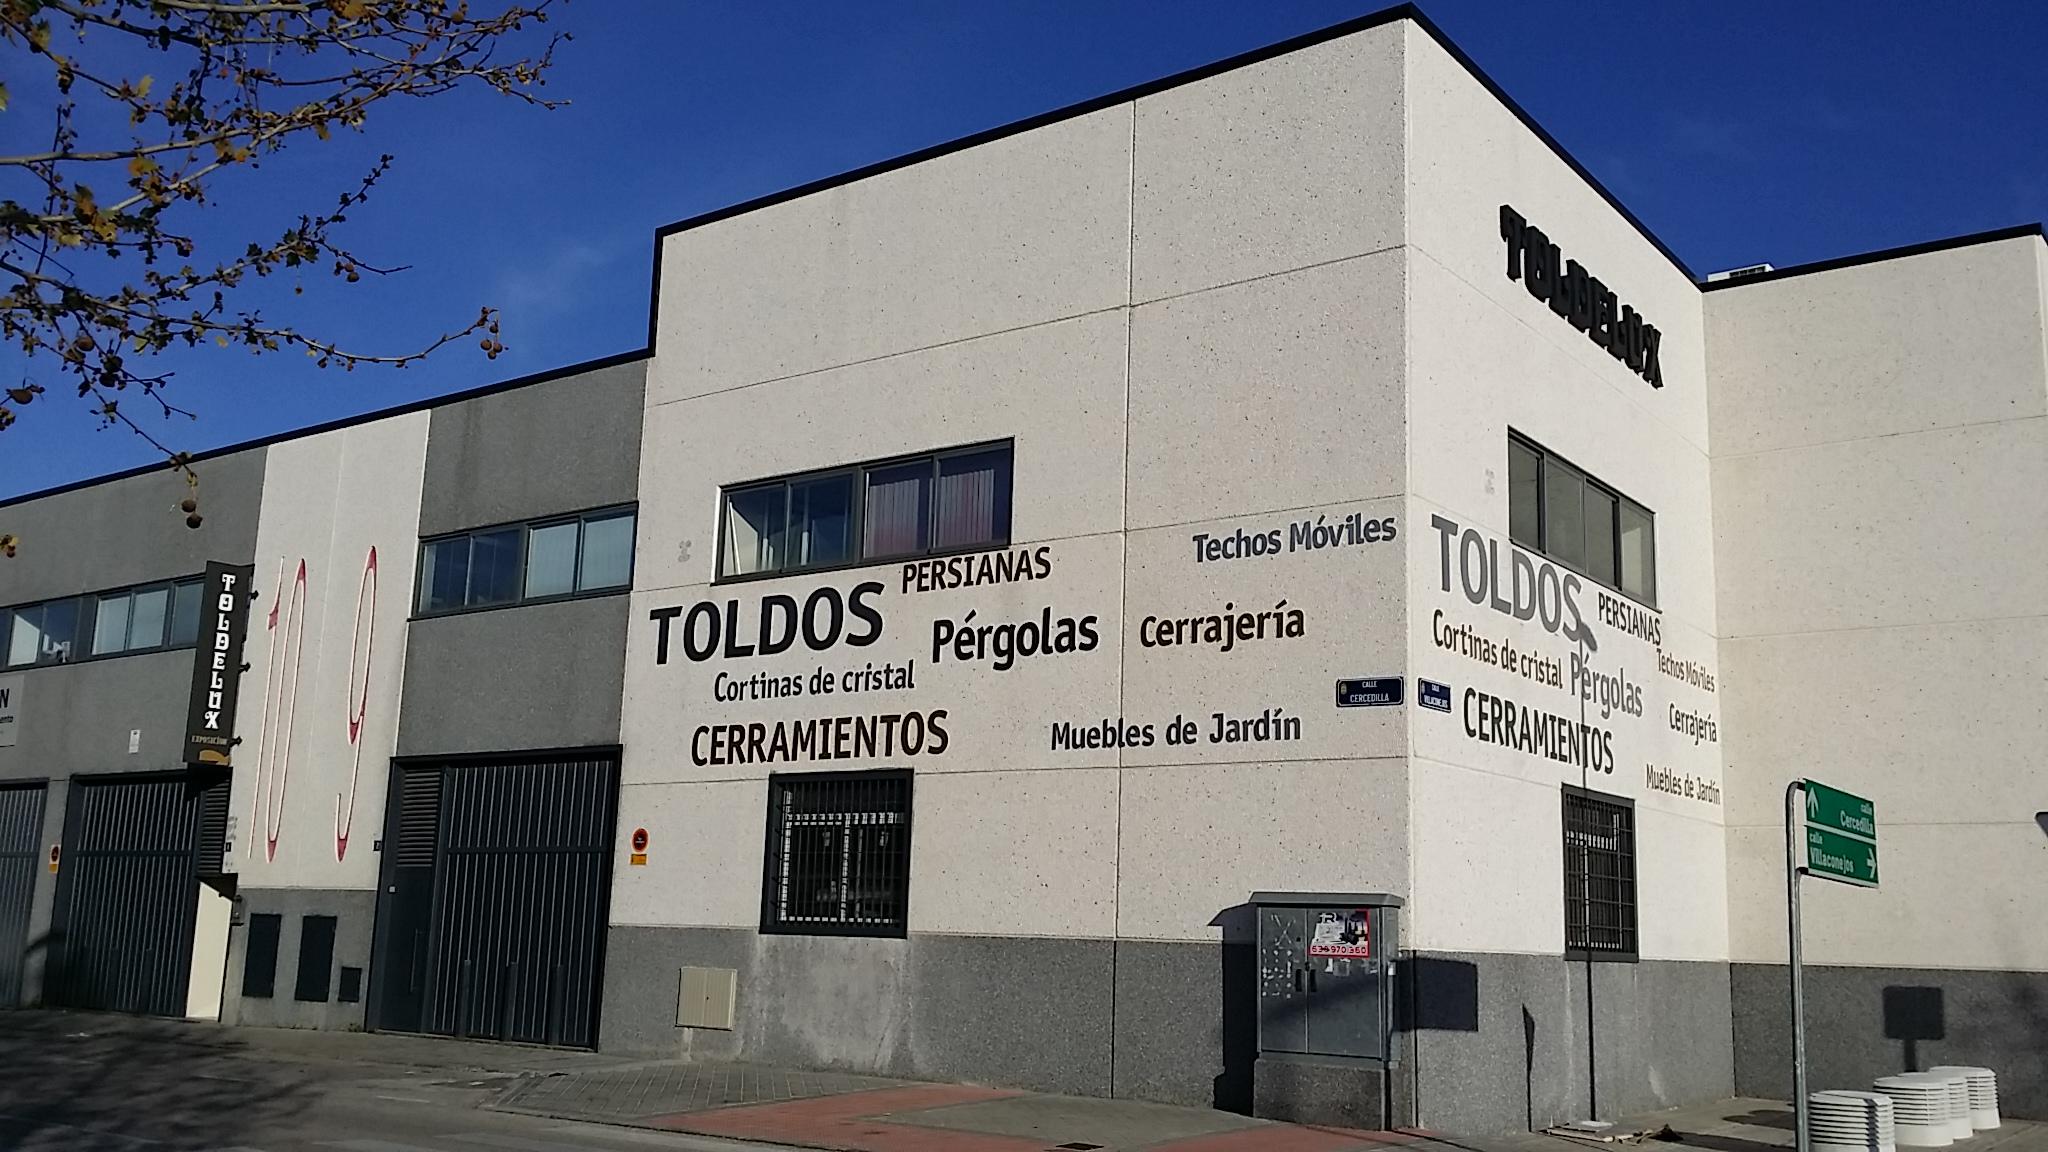 Toldelux TOLDOS: FABRICACION E INSTALACION